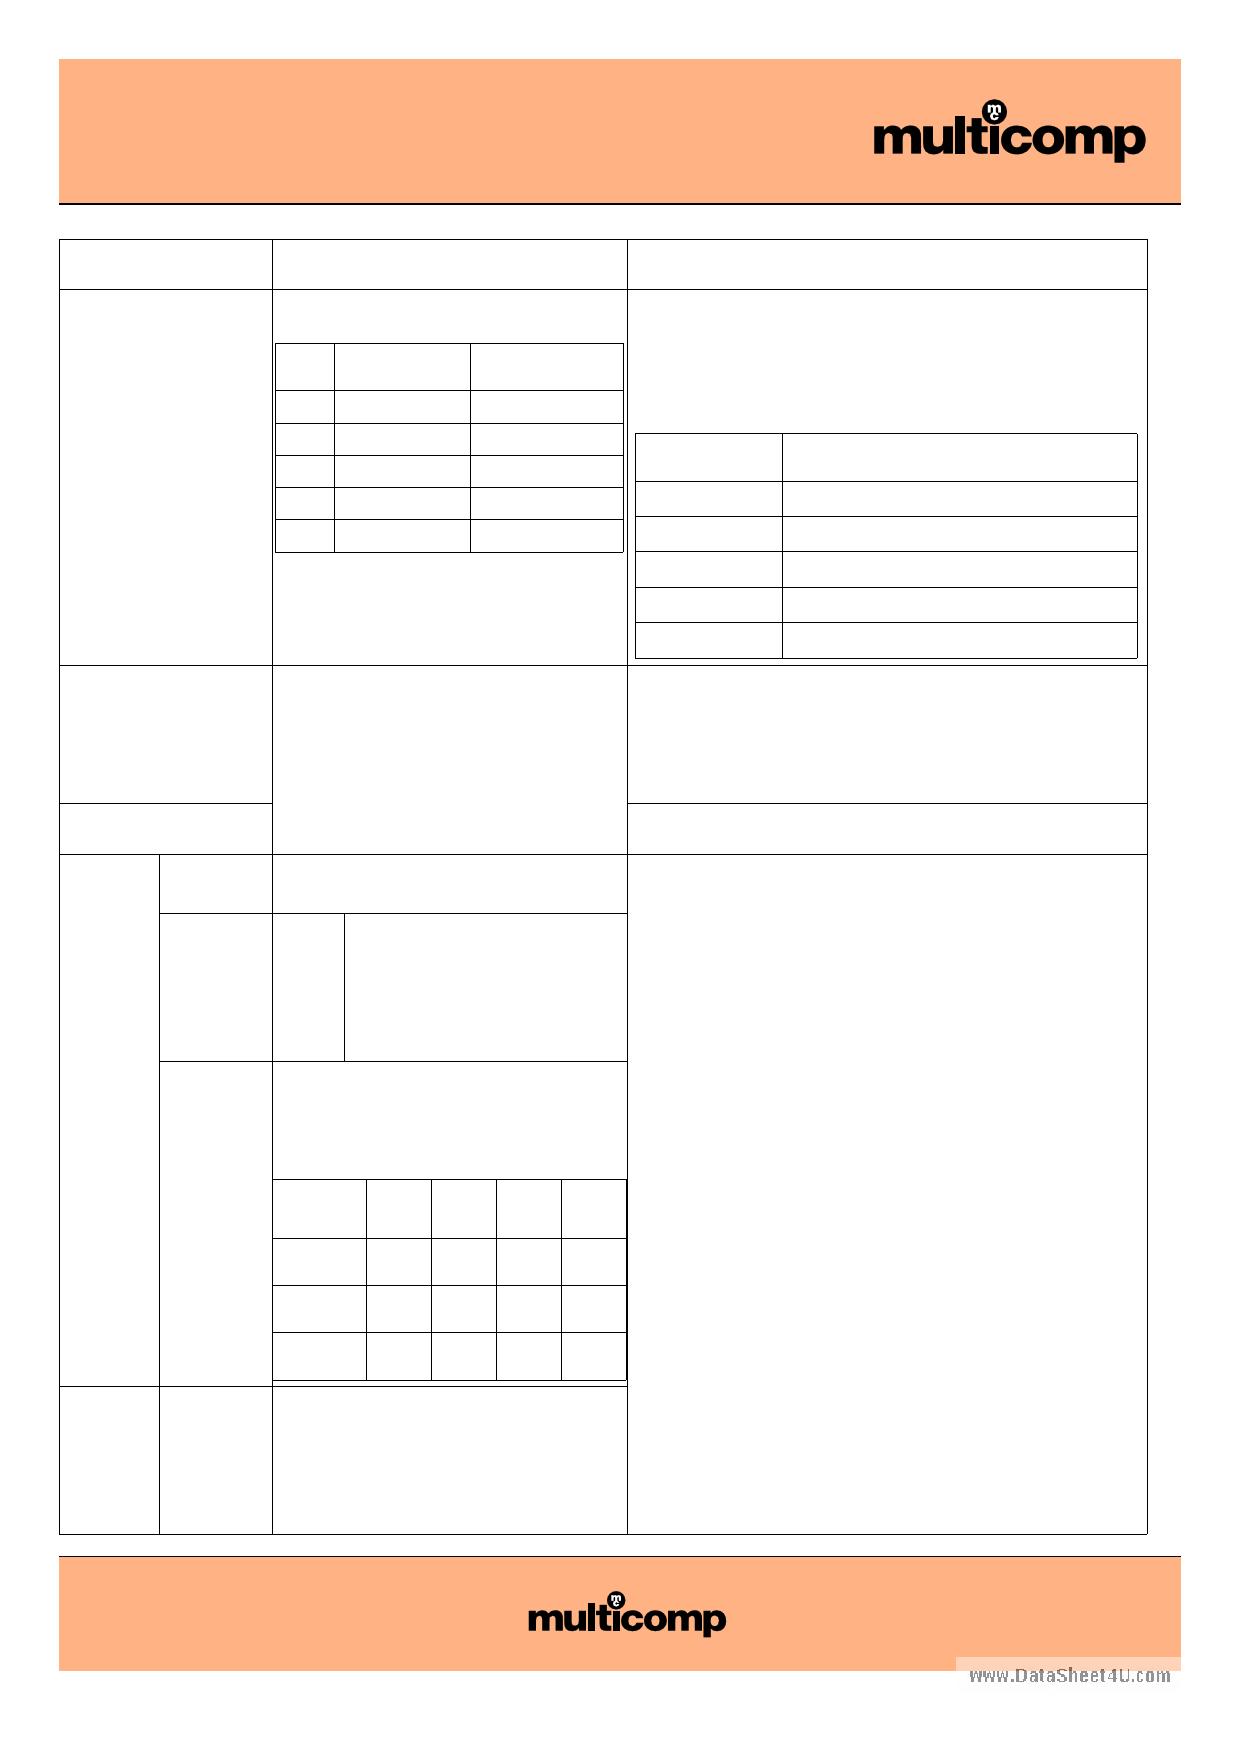 U0805CxxxxxT pdf